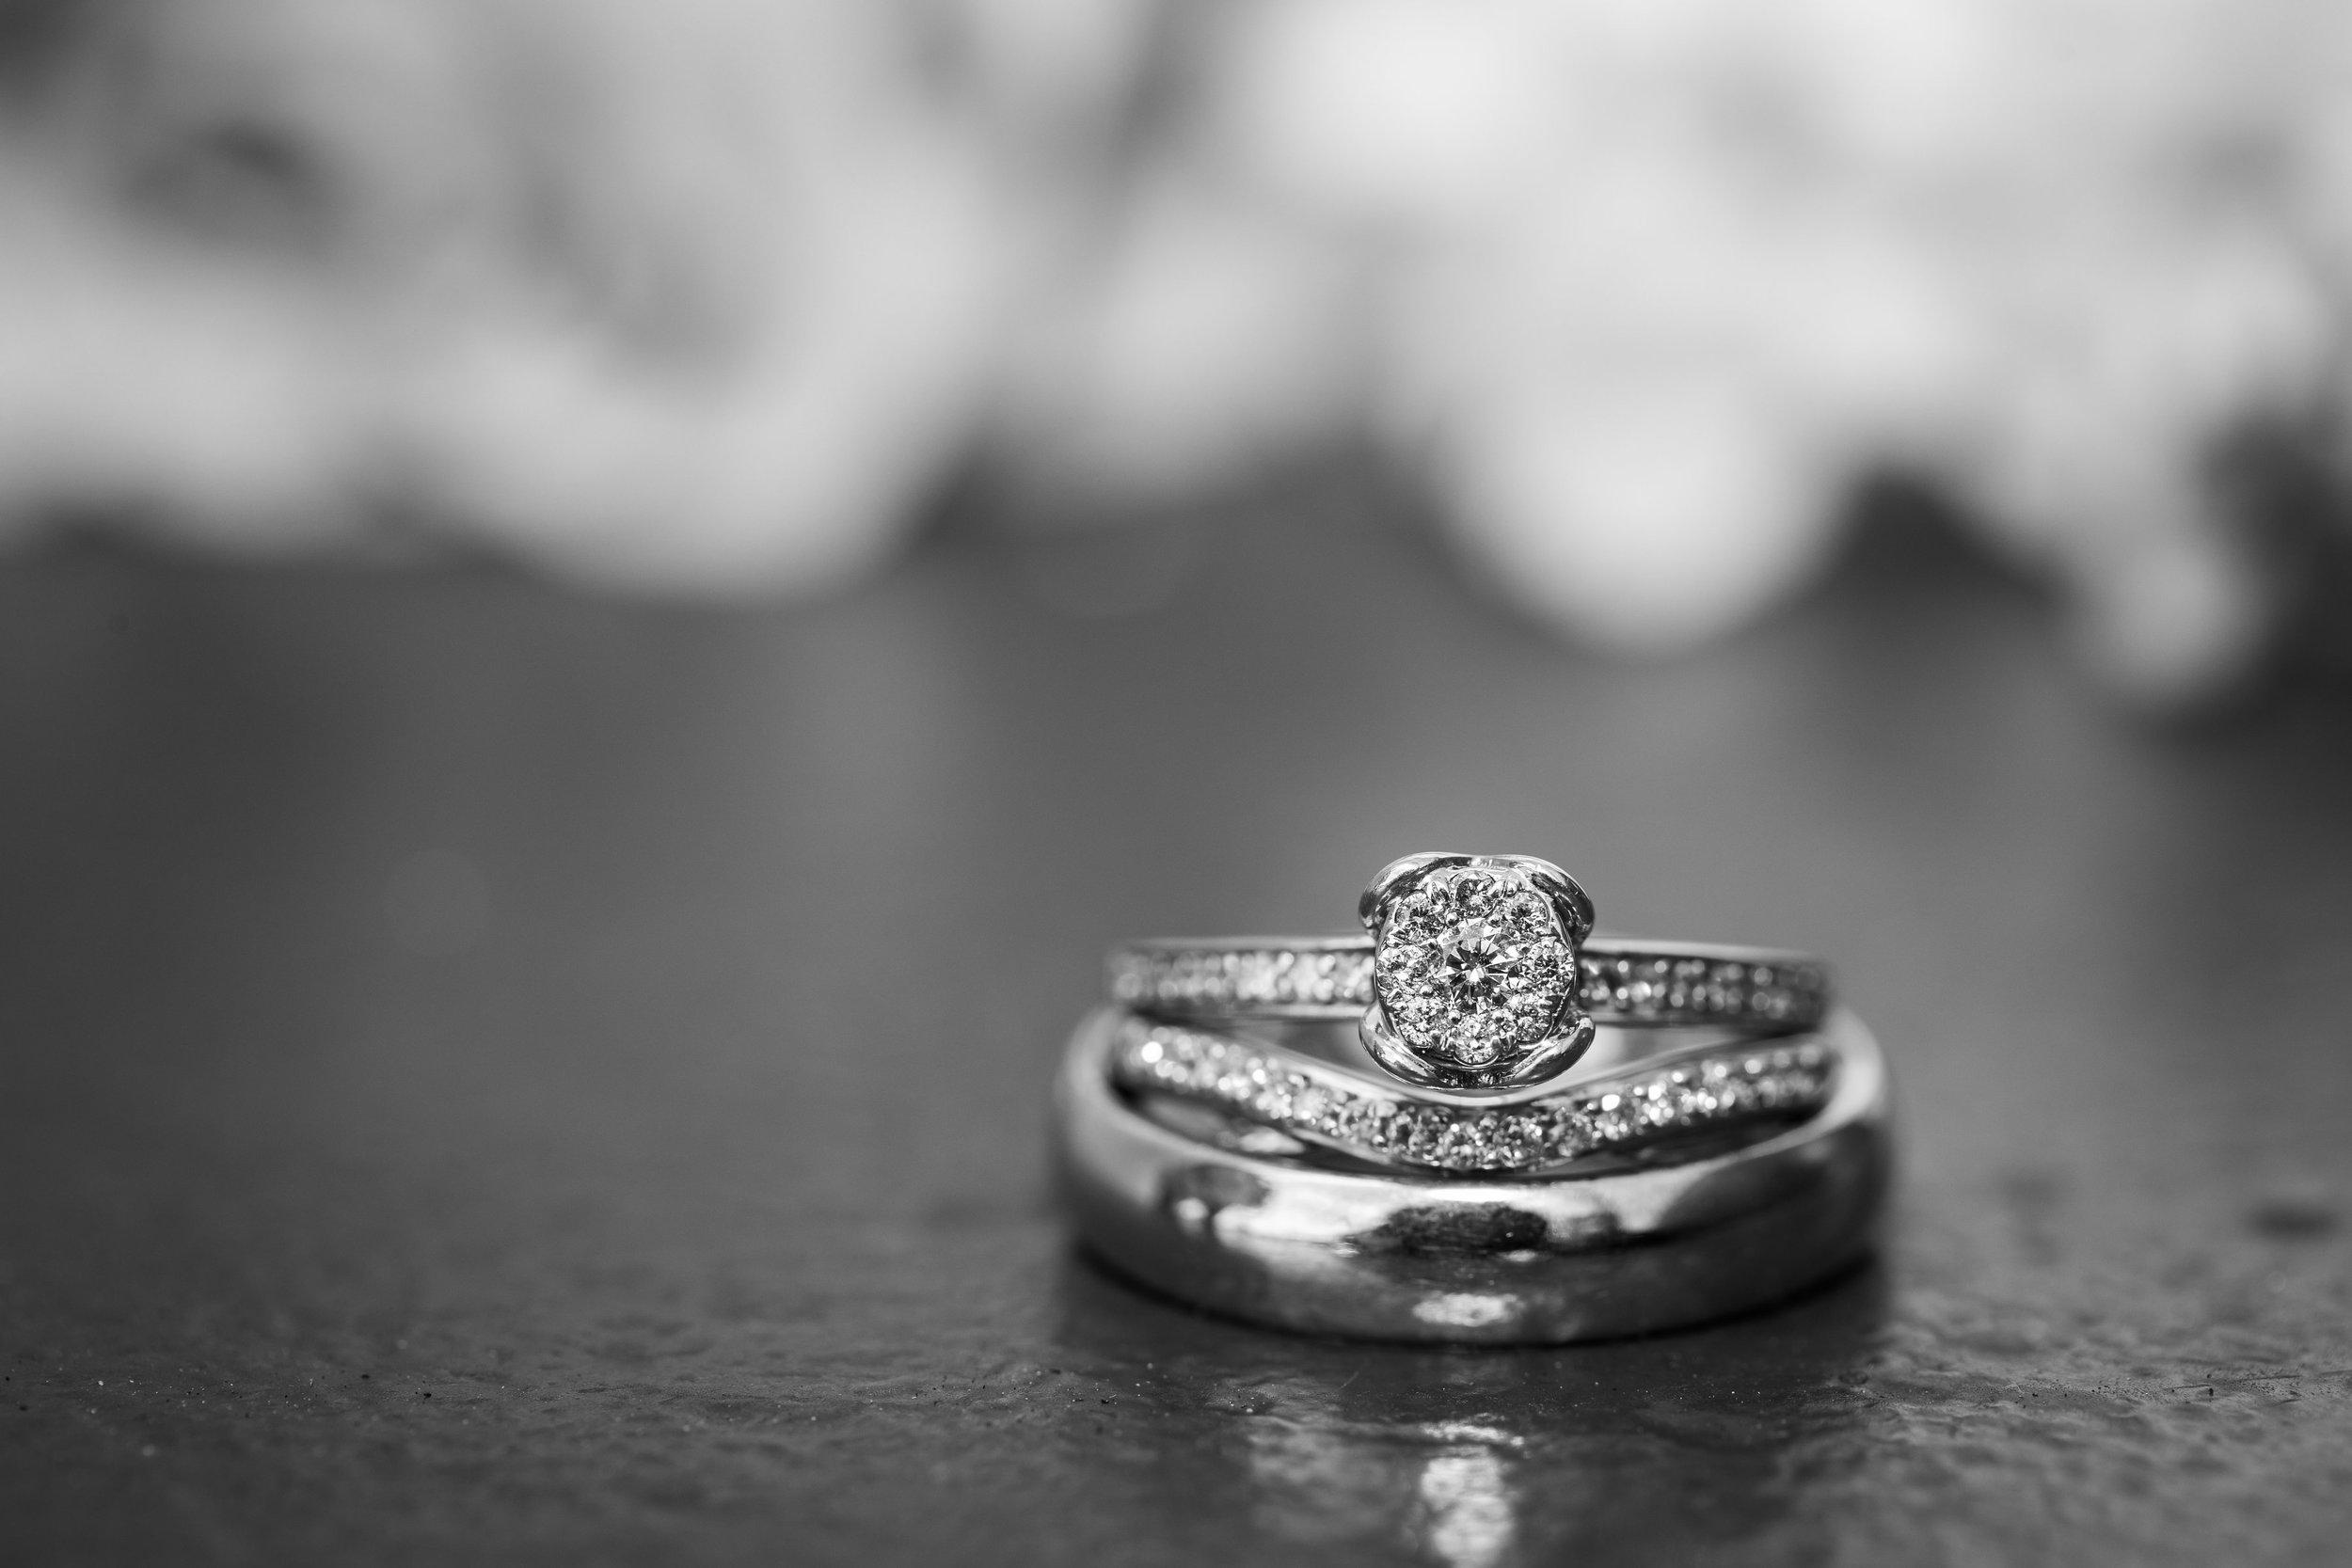 ! BW Ring Shot.jpg